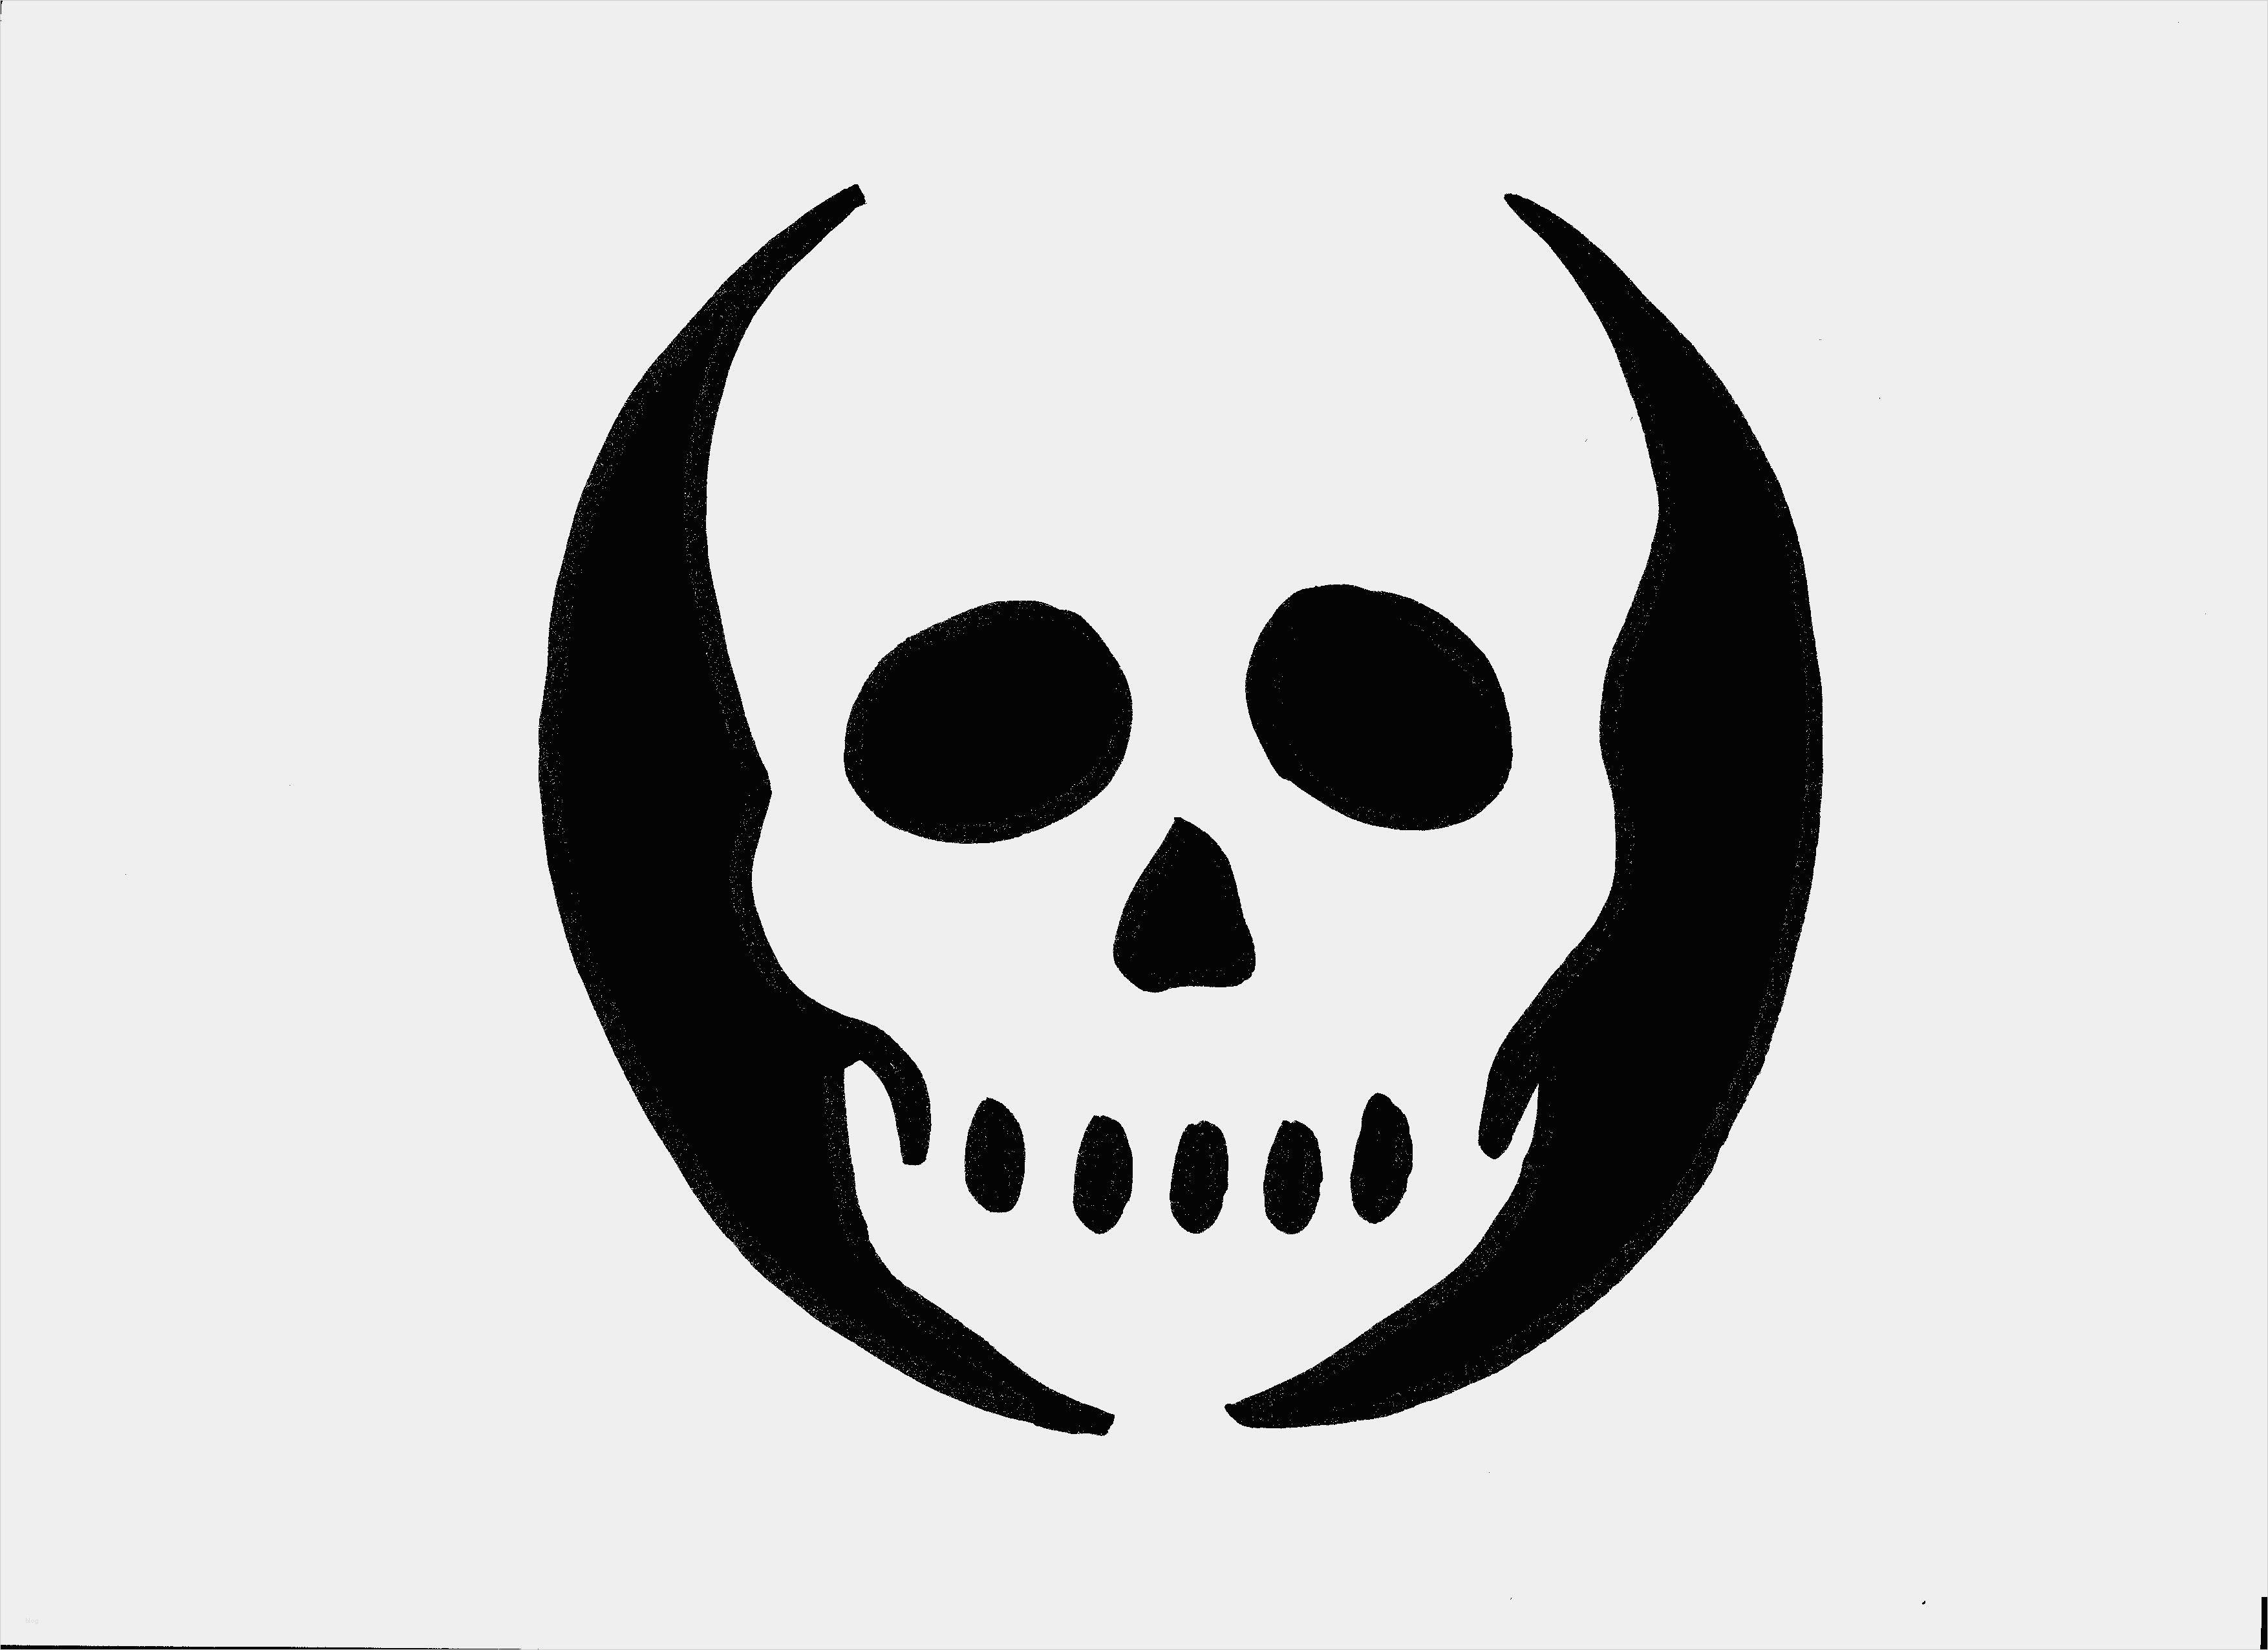 Frisch Halloween Geister Vorlagen Farbung Malvorlagen Malvorlagenfurkinder Geschenke Selber Machen Halloween Basteln Papier Halloween Deko Selber Machen